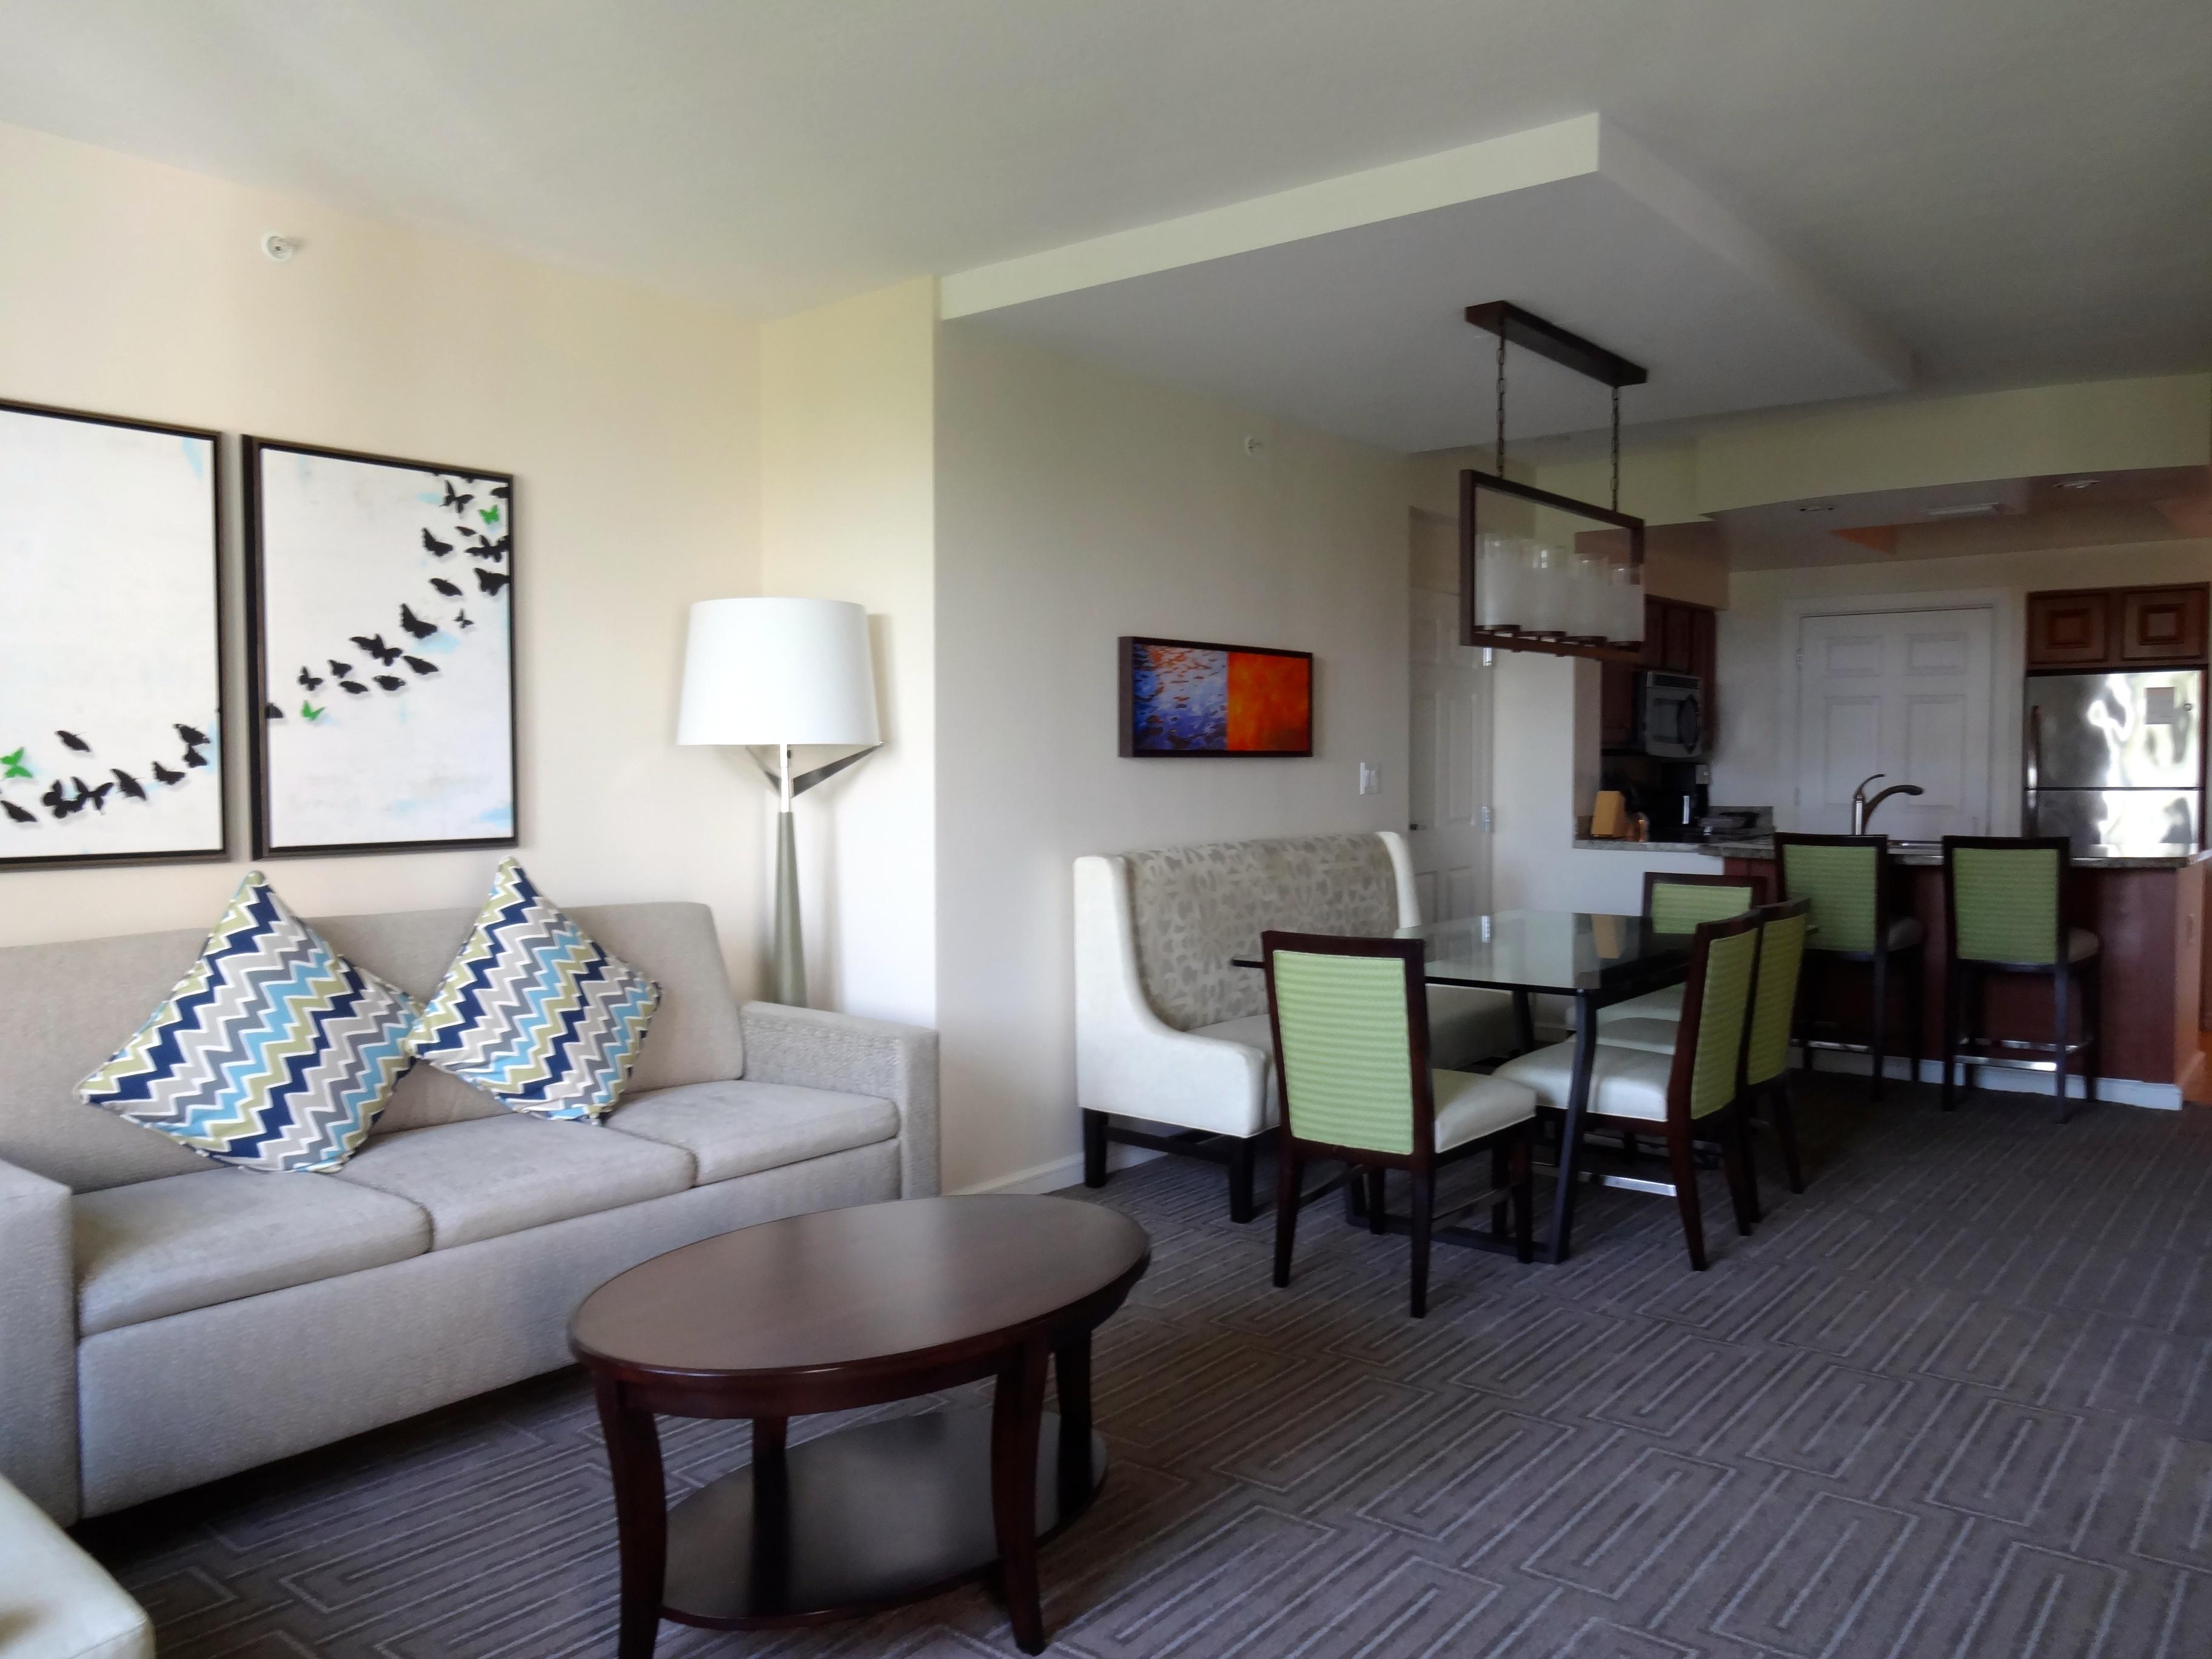 Marriott Grande Vista Orlando Florida Review And Photo Tour Funandfork